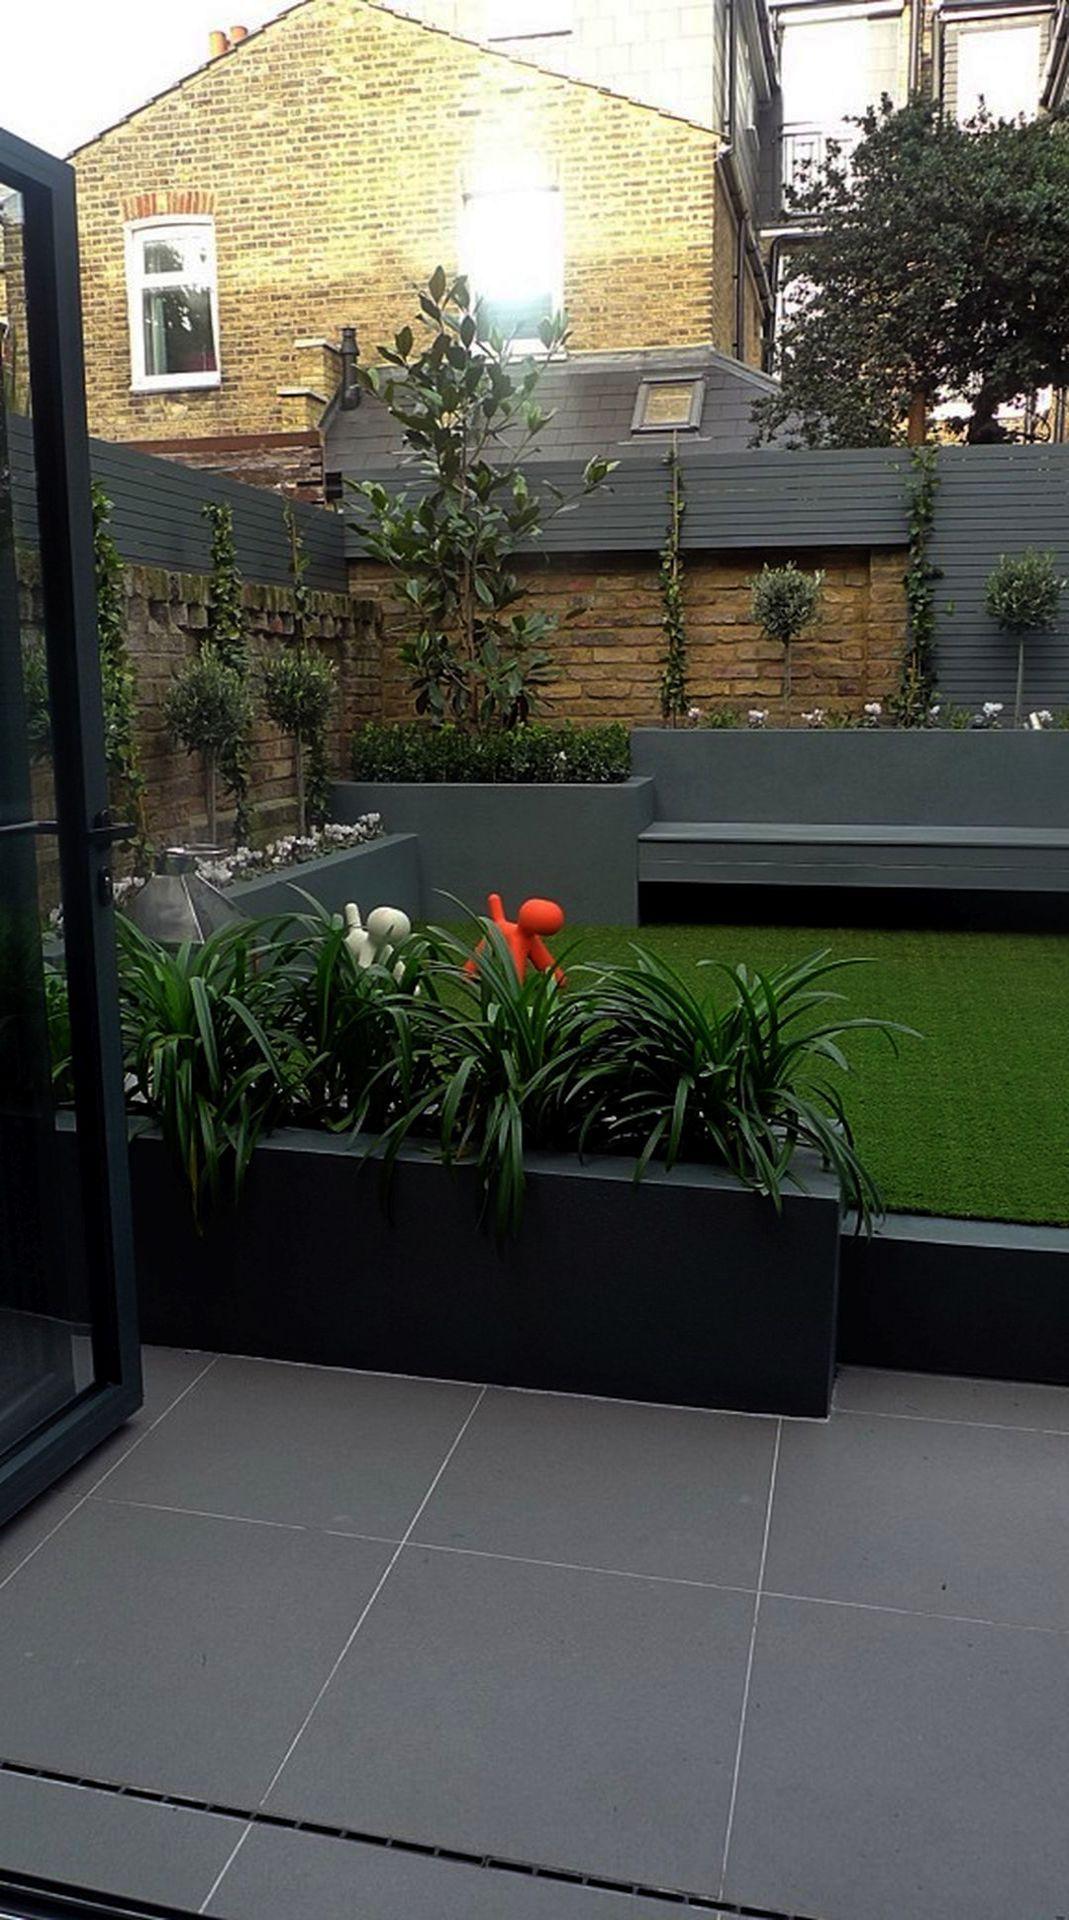 Landscape Gardening Courses Northern Ireland Outside Landscape Gardening Short Courses M Contemporary Garden Design Modern Garden Design Outdoor Gardens Design